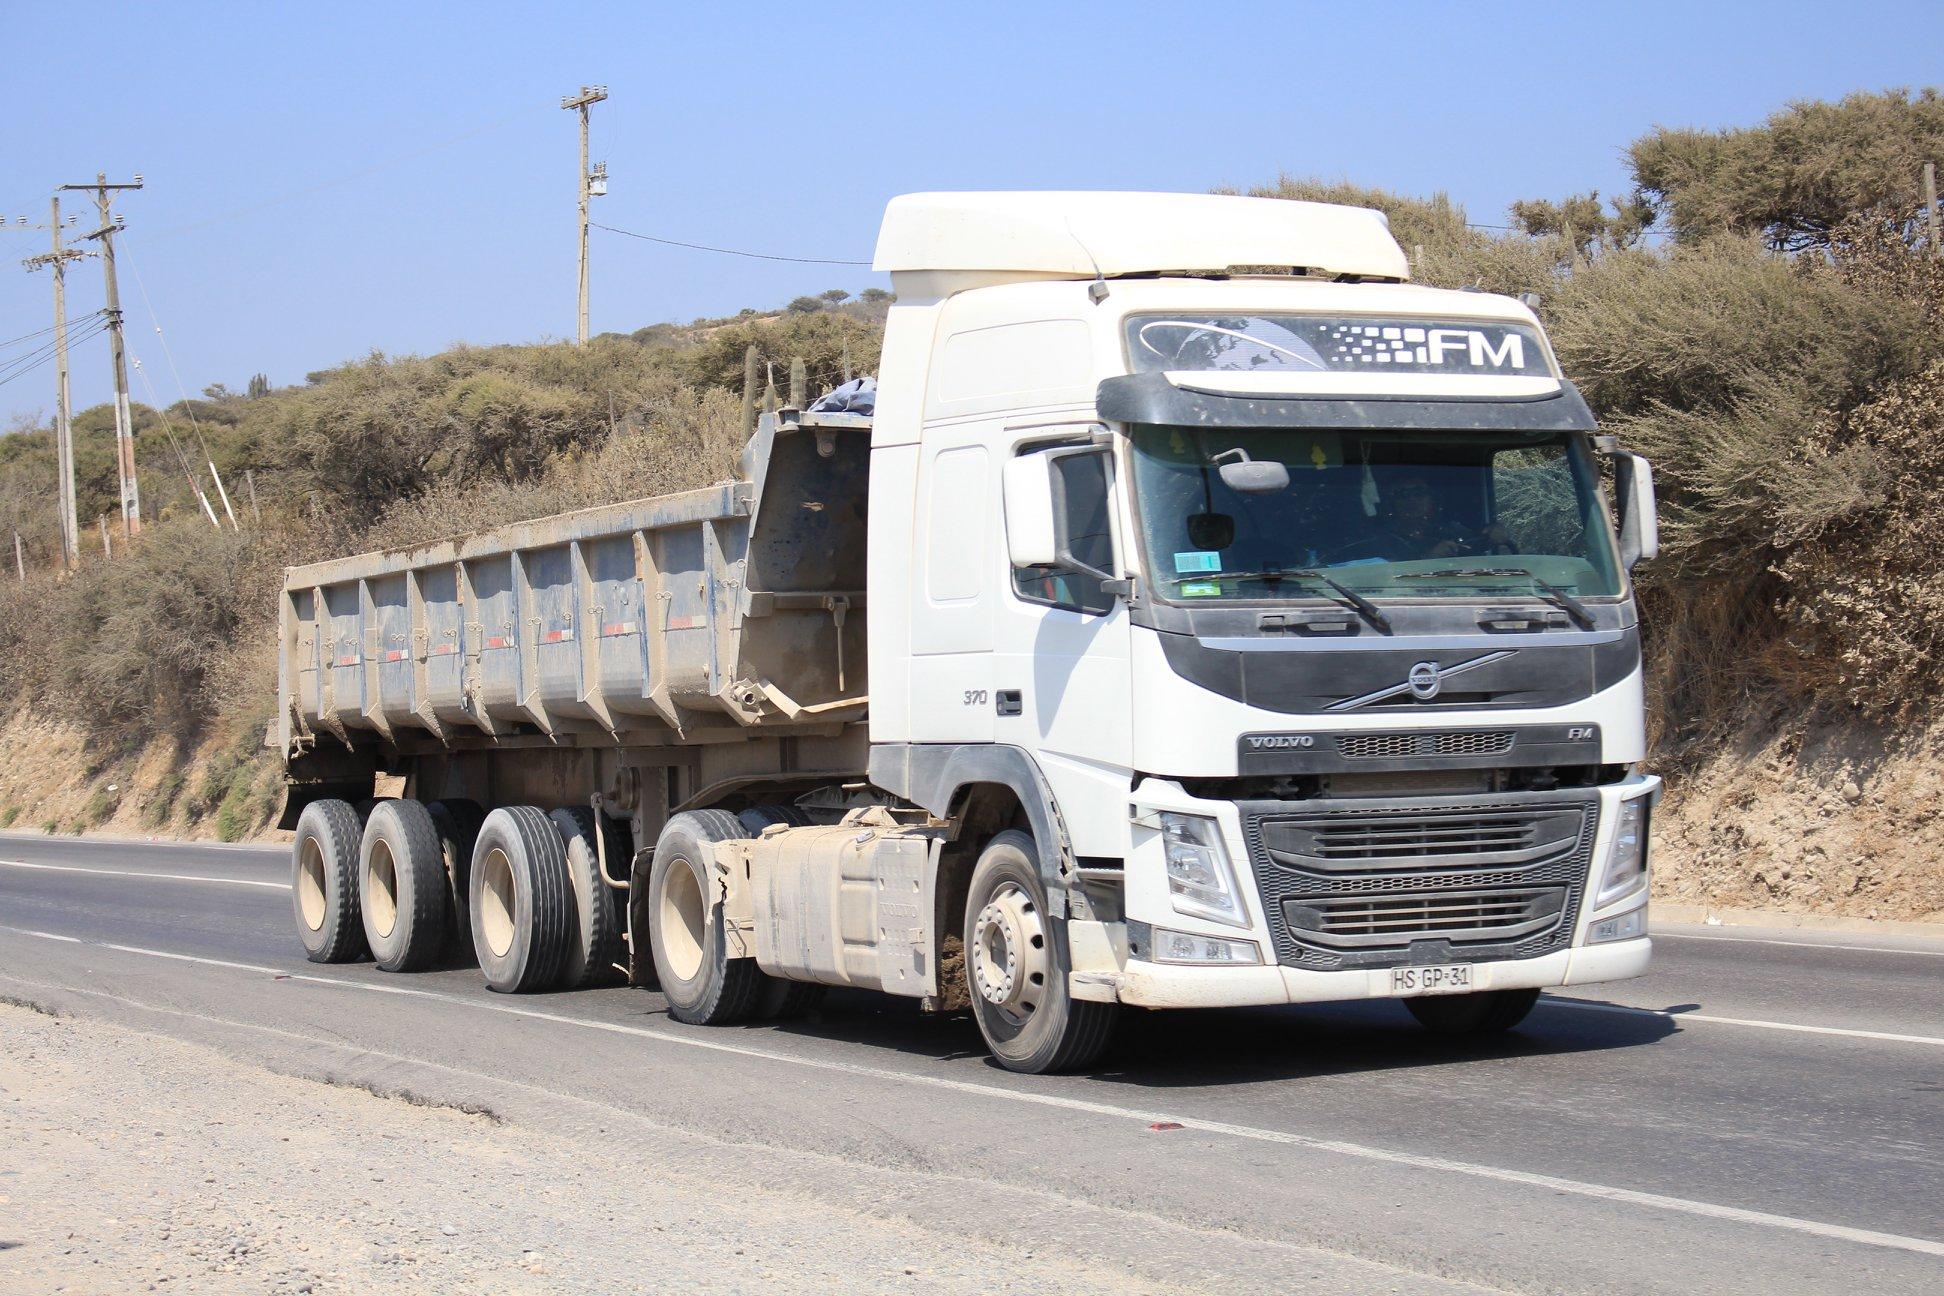 Truck_pics_mix-20